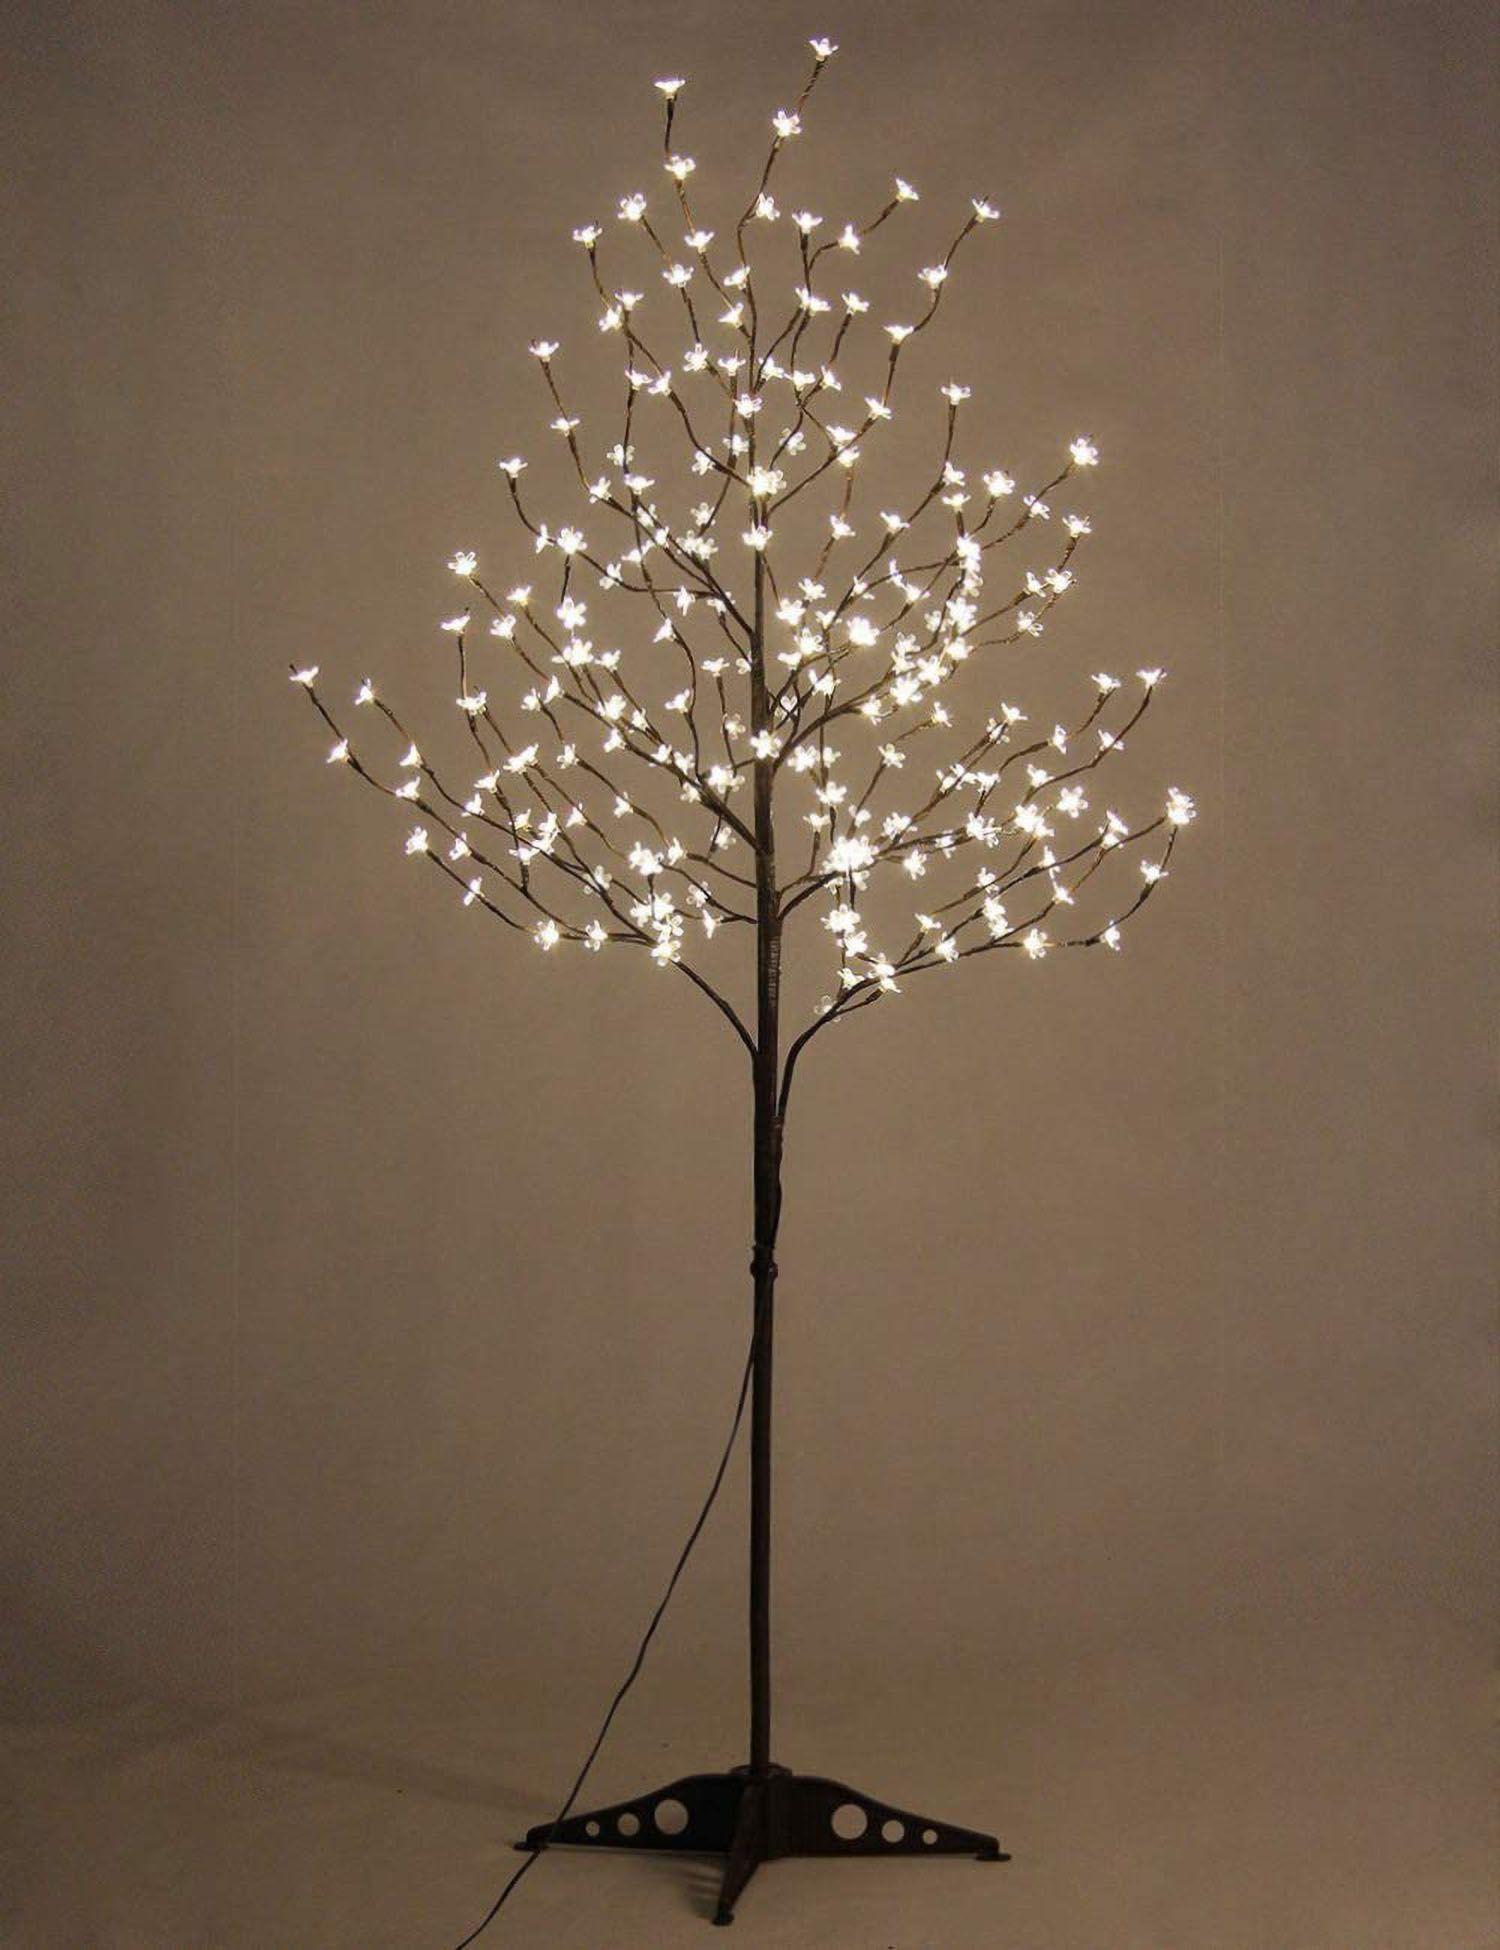 Blossom Prelit Tree Light 6 65 8 Ft Warm Light Up Tree Etsy In 2021 Cherry Blossom Light Tree Light Up Tree Blossom Trees